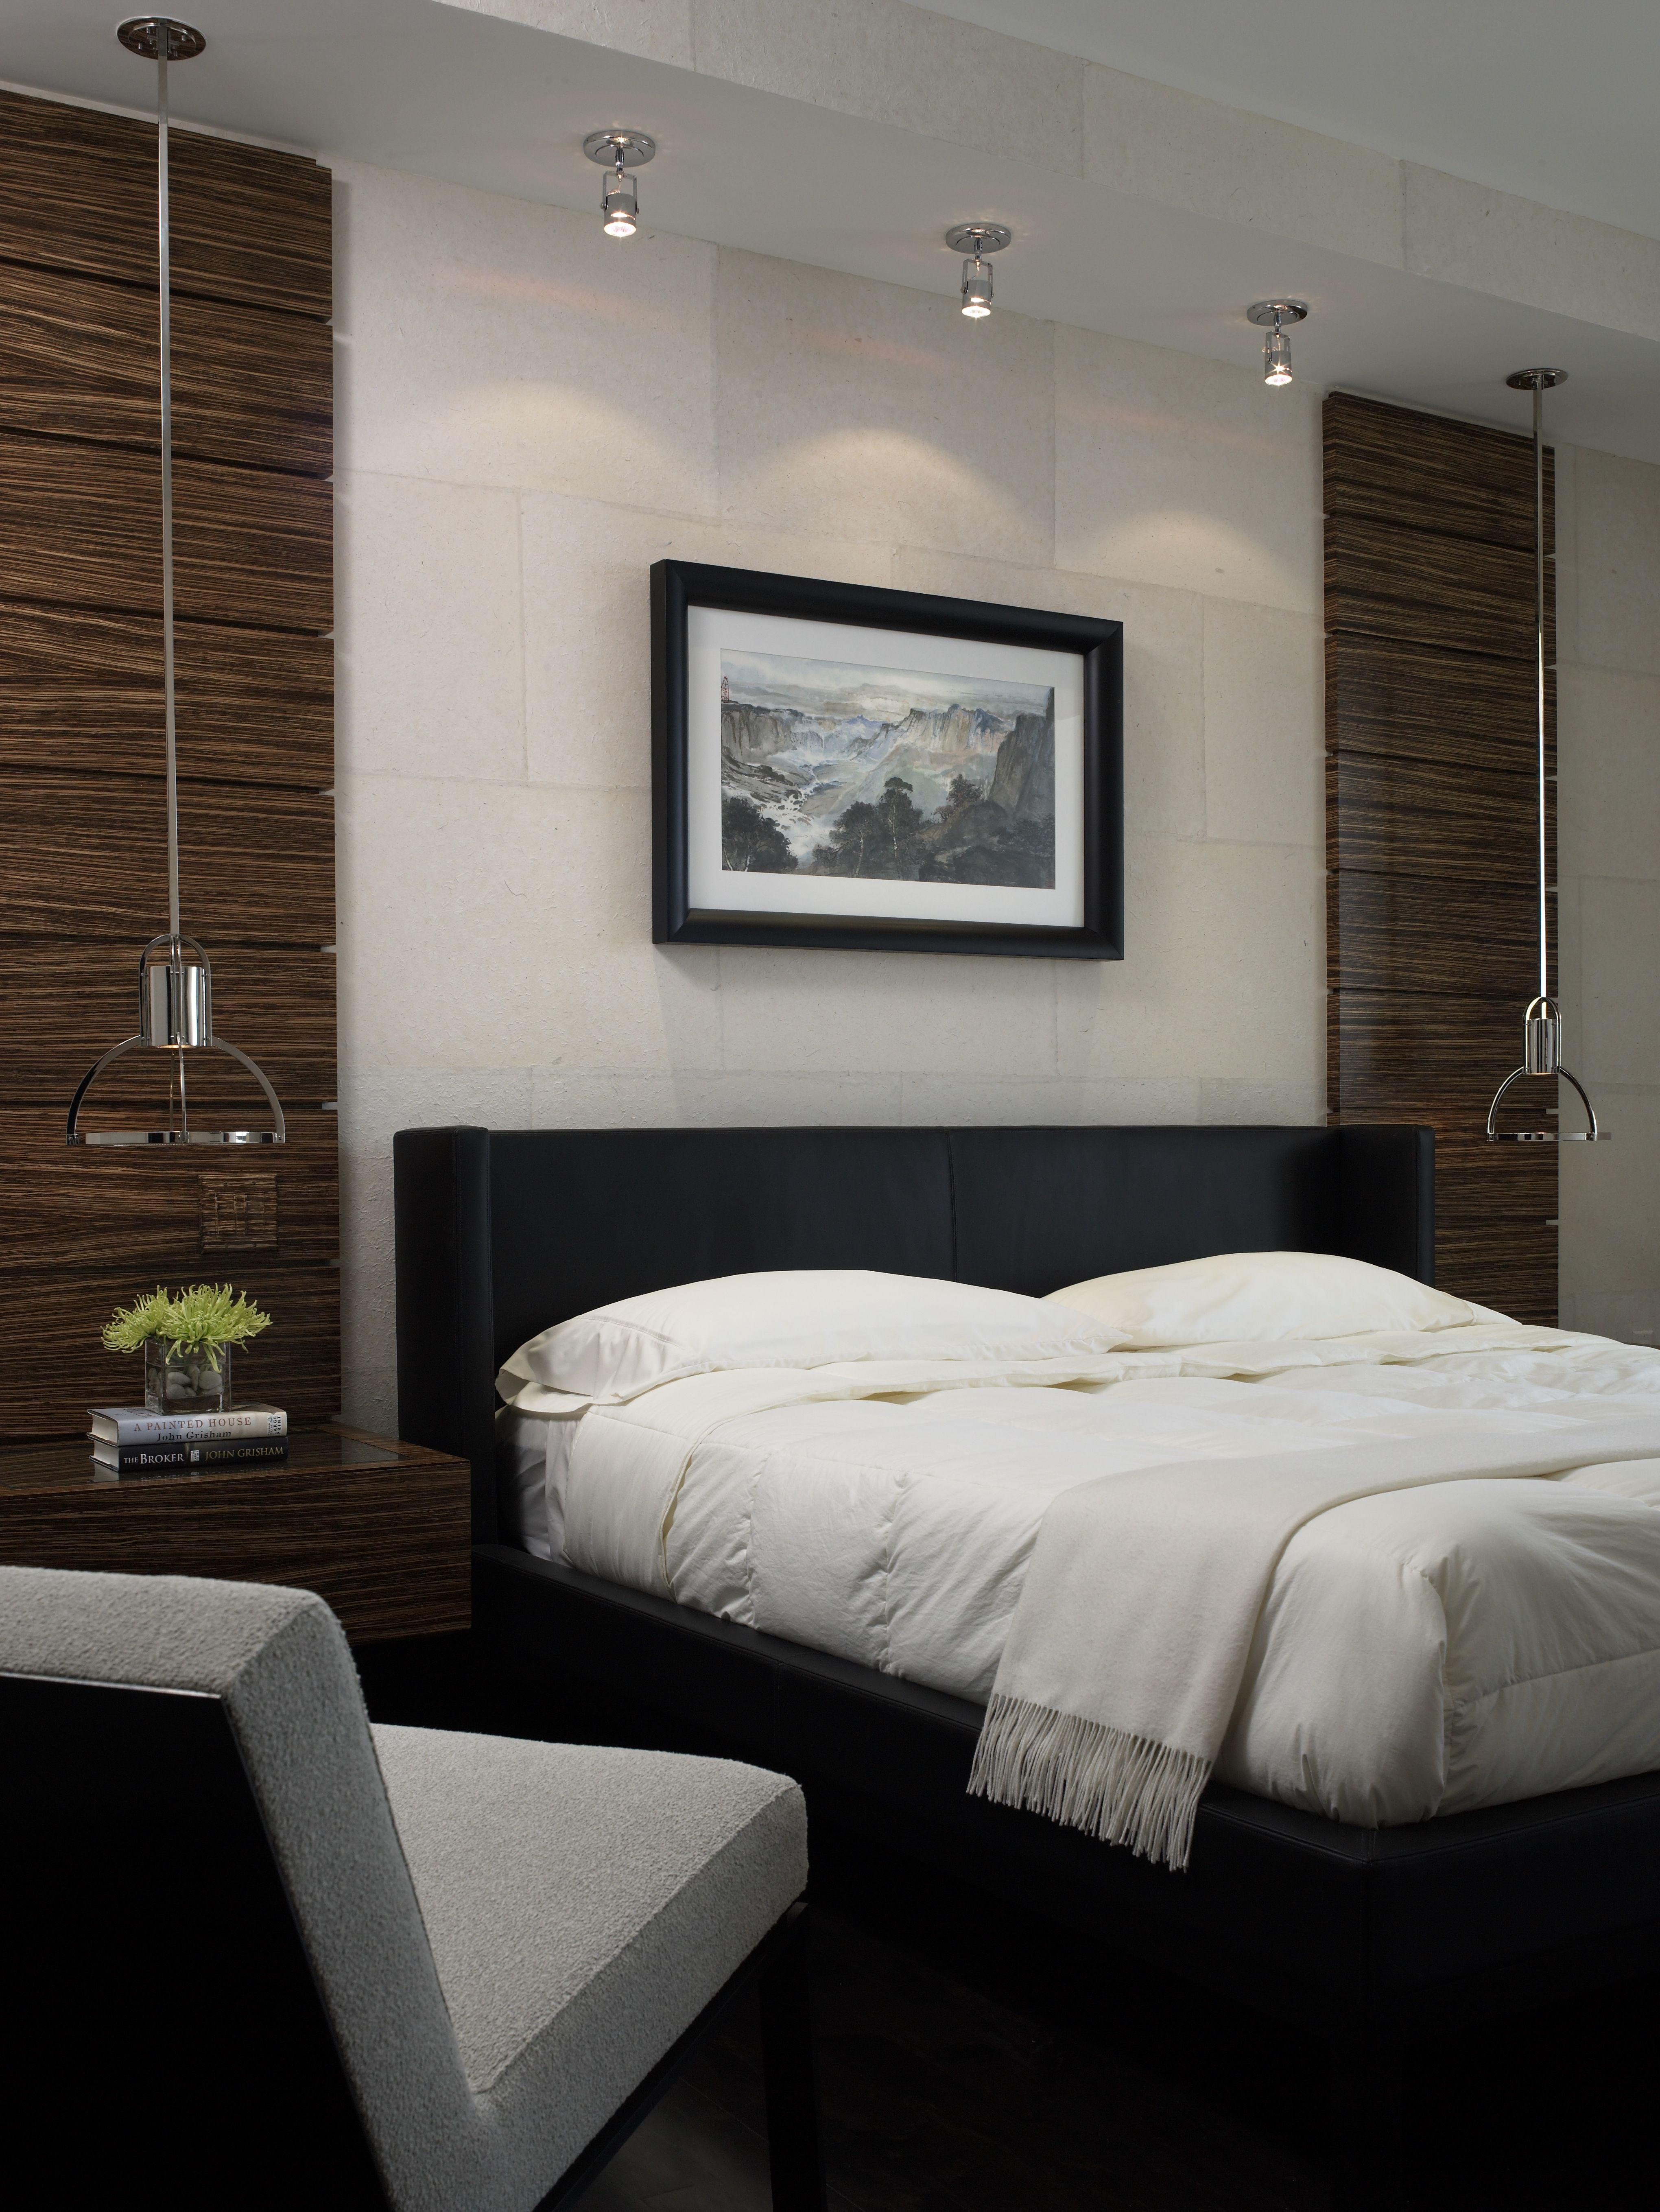 Classic and simple elegance. clean interiordesign